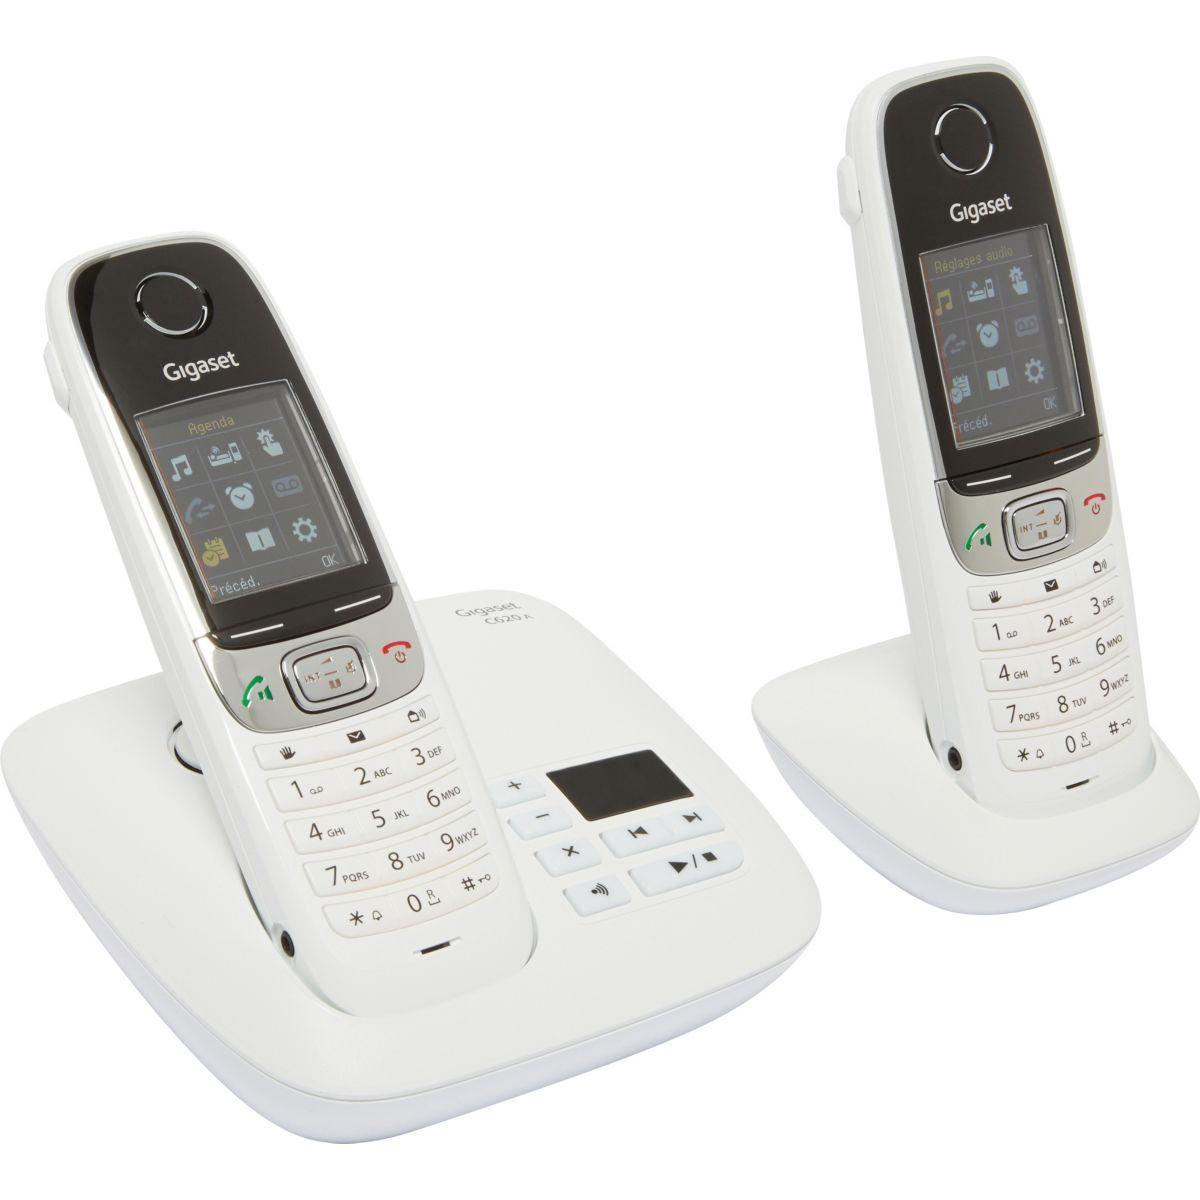 Téléphone répondeur sans fil duo gigaset c620a blanc (photo)